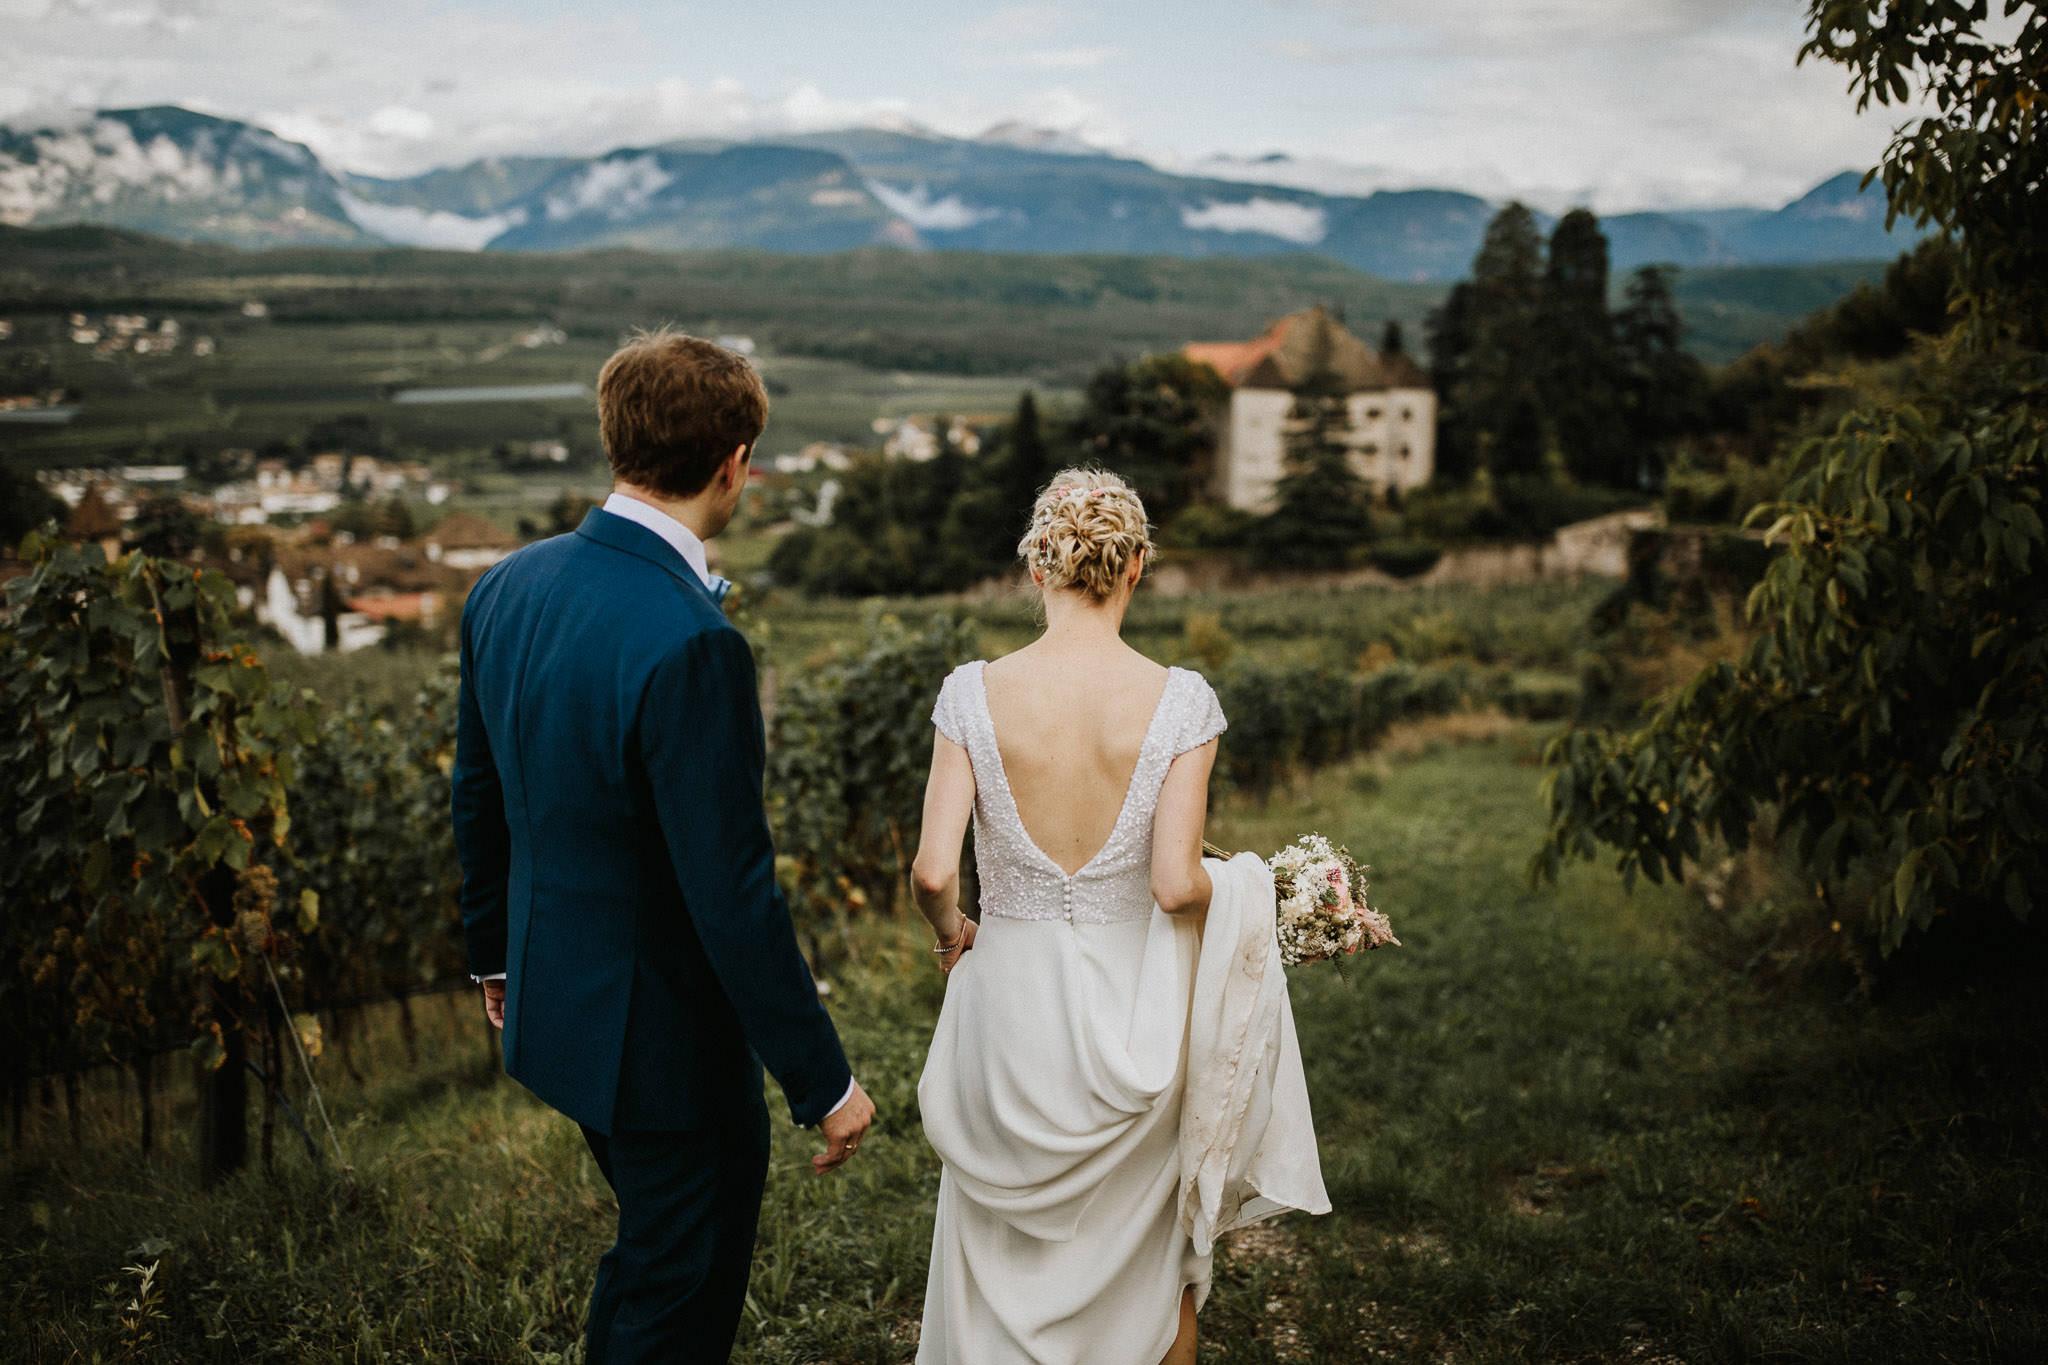 Hochzeit auf Schloss Englar in Eppan bei Bozen in Südtirol Italien